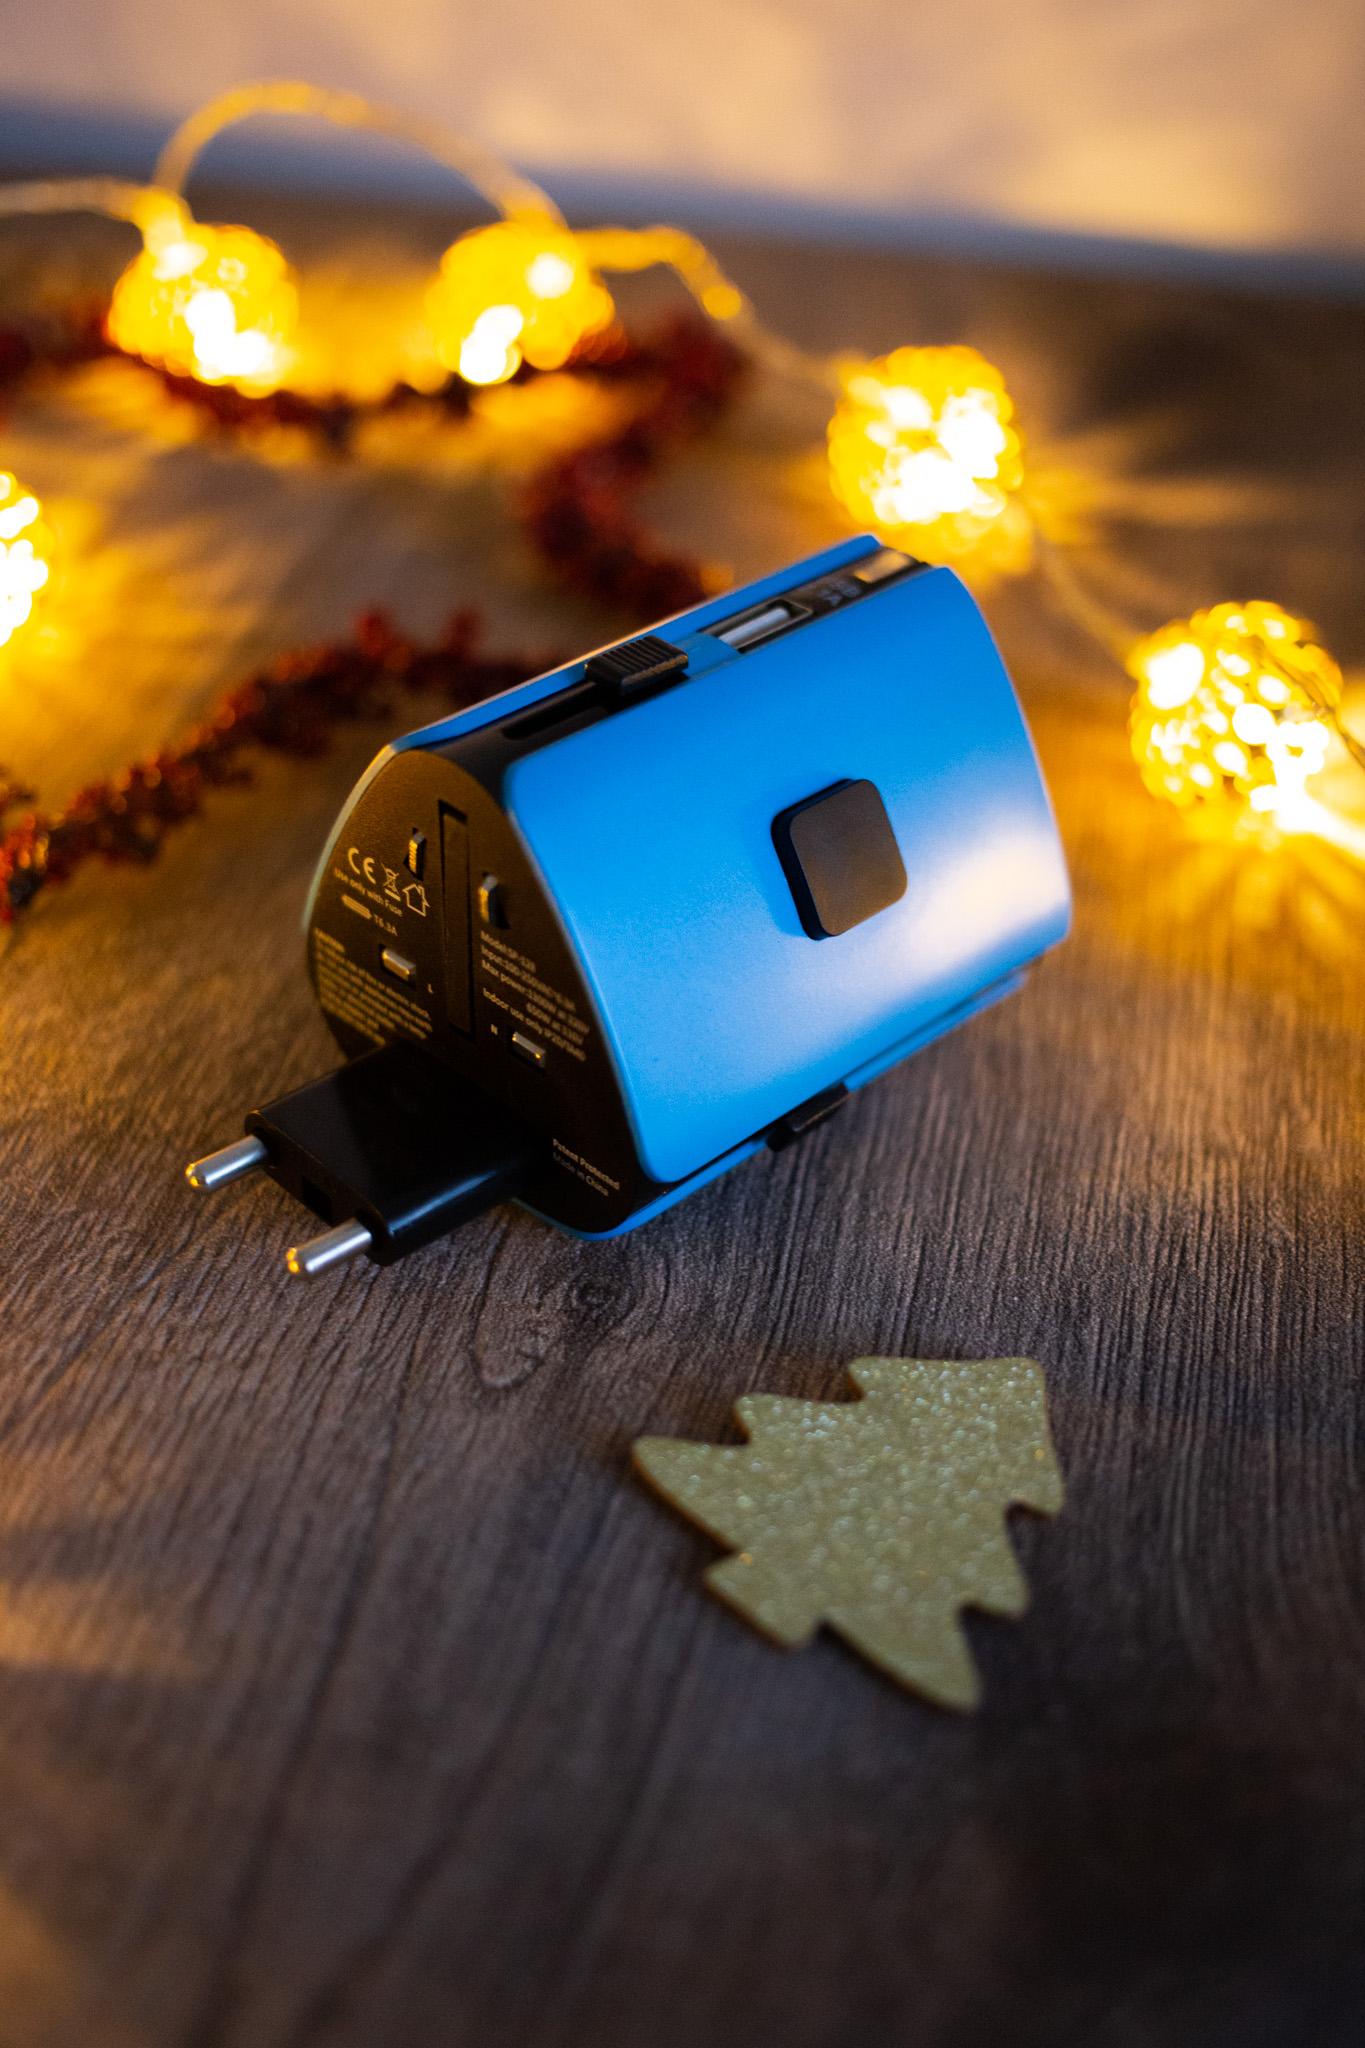 weihnachtsgeschenke-fuer-maenner-weihnachtsgeschenk-mann-steckdose